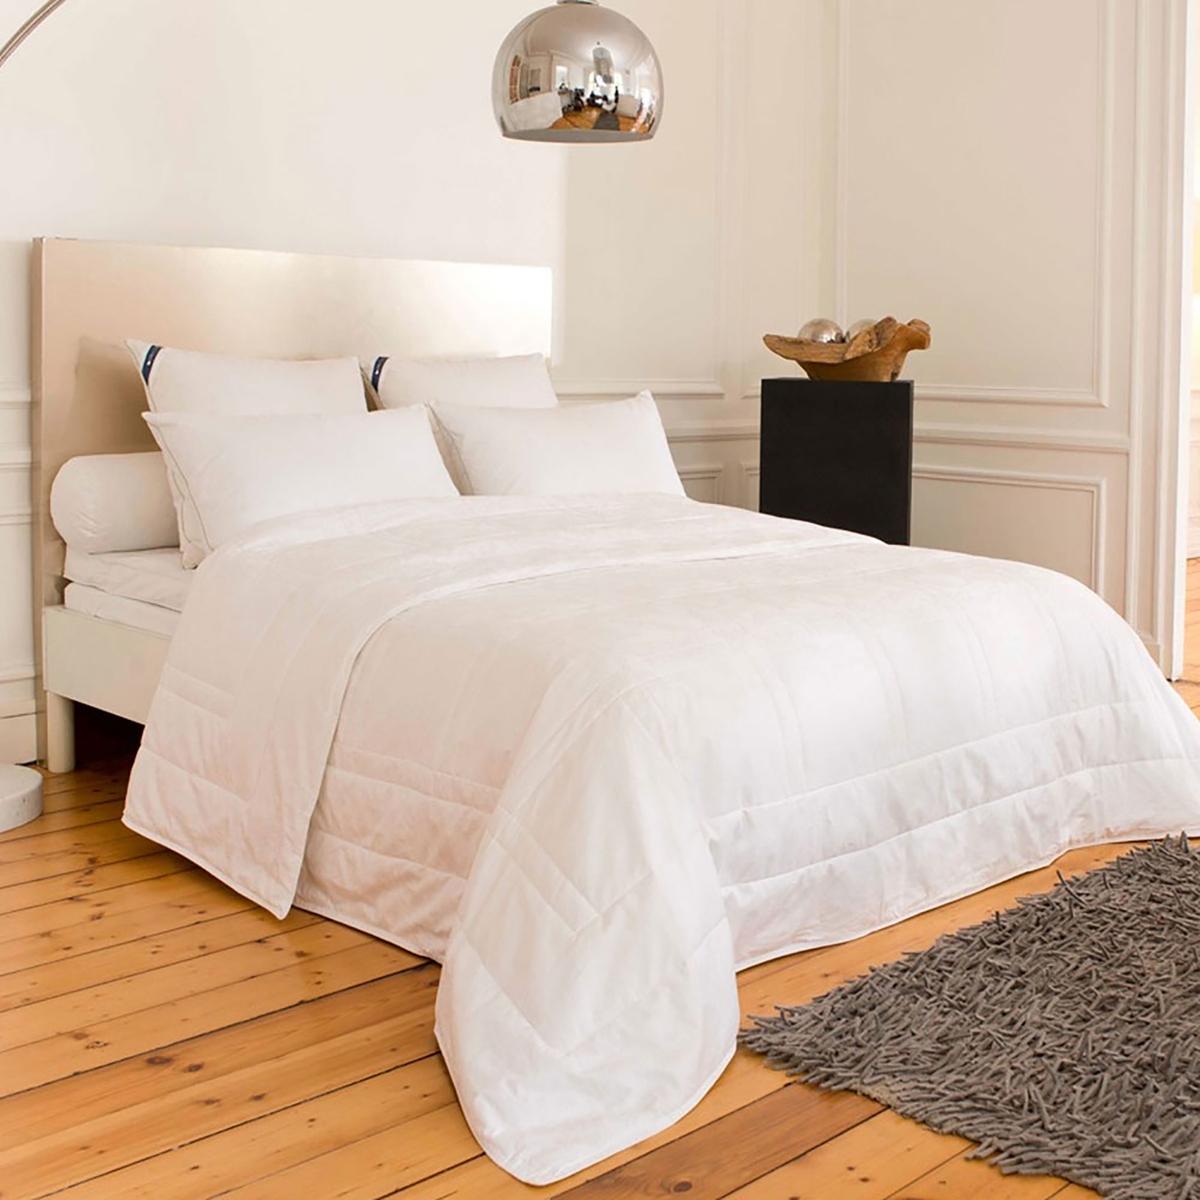 Одеяло шелковое « Bangkok» . Качественный натуральный шелк .Чехол : жаккард 115 нитей/см2 (однотонный рисунок) 100% хлопок,  мягкое и приятное на ощупь Наполнитель : натуральный шелковый кокон, 360 г/м2. Длинные шелковые волокна обеспечивают идеальную защиту от жары и холода . Используемый в качестве наполнителя шелковый кокон позволяет вашему телу дышать и контролирует изменение температуры во время вашего сна . Шелк обеспечит вам сладкий сон до самого пробуждения .Прострочка в клетку для хорошего распределения наполнителя по всей поверхности одеяла Отделка бейкой, усиленная двойная прострочка  . Сухая чистка Продается в чехле .<br><br>Цвет: белый